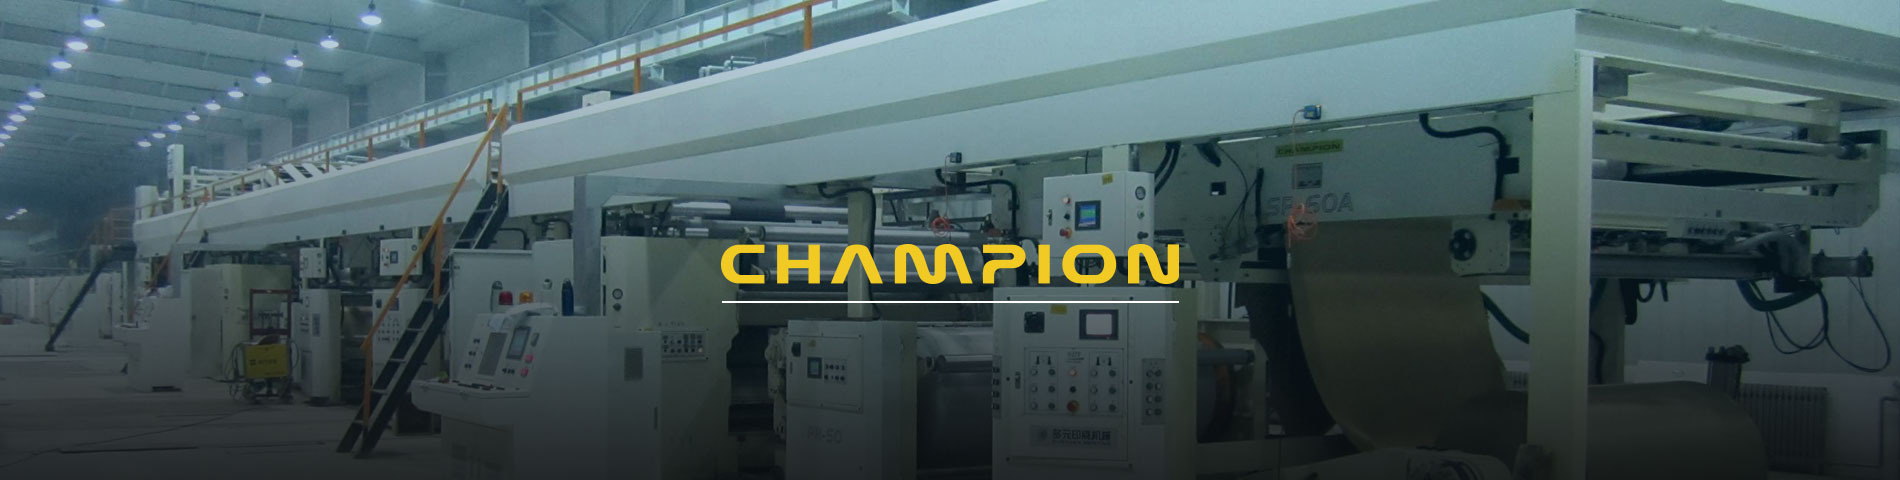 Champion Corrugated       - профессиональный  производитель оборудования для      гофрированного картона.